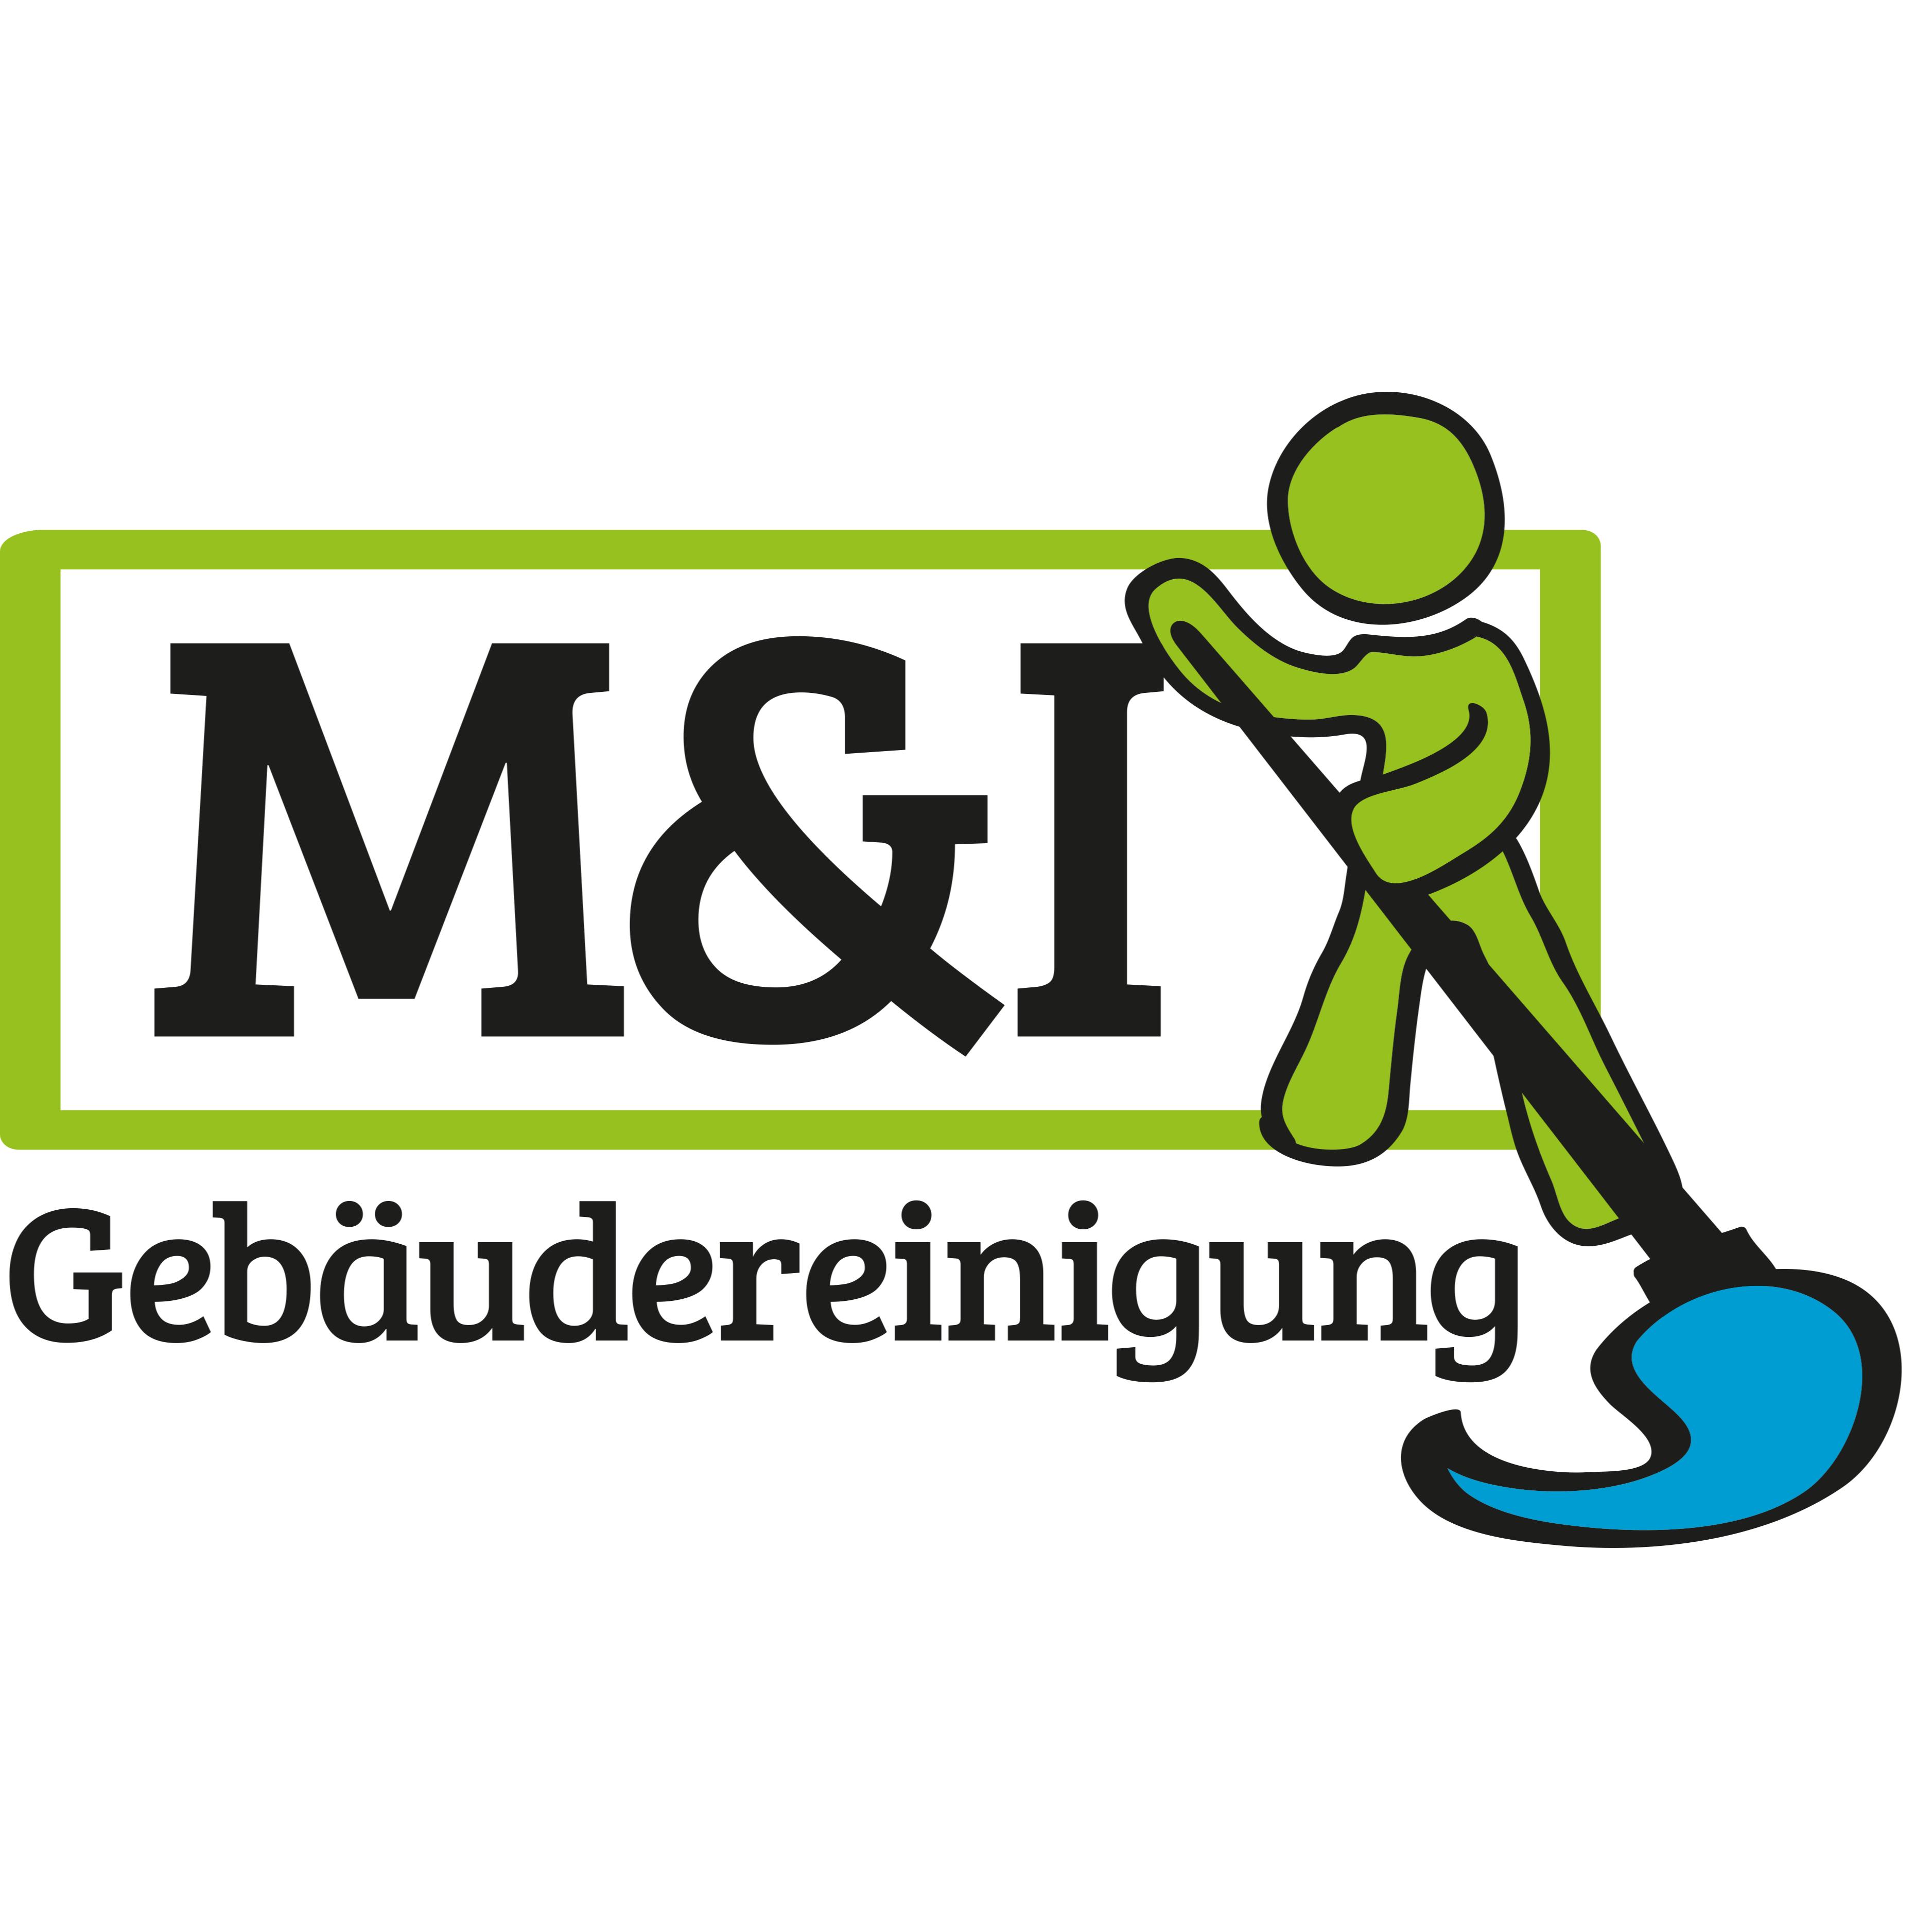 M&I GEBÄUDEREINIGUNG